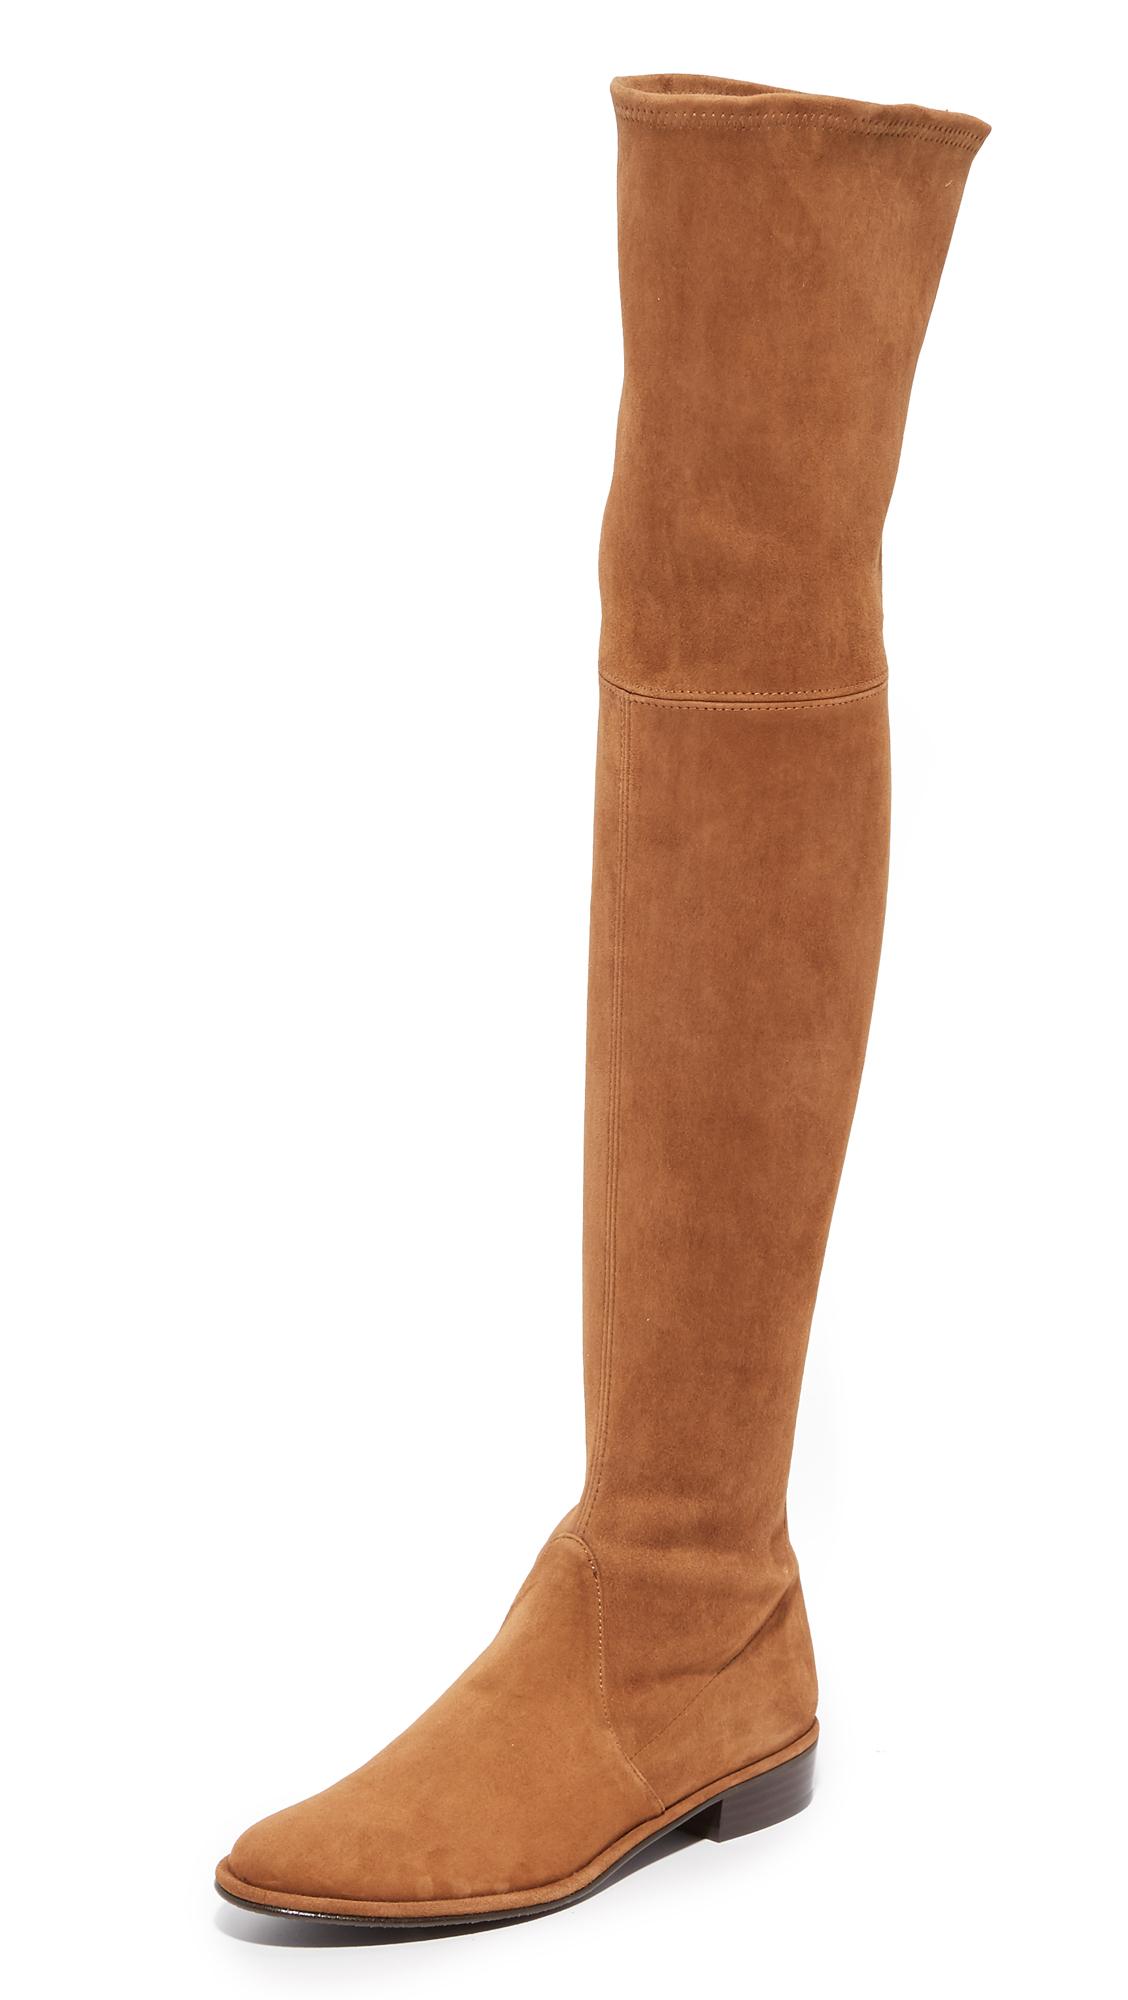 Stuart Weitzman Thigh Scraper Over The Knee Boots - Deer